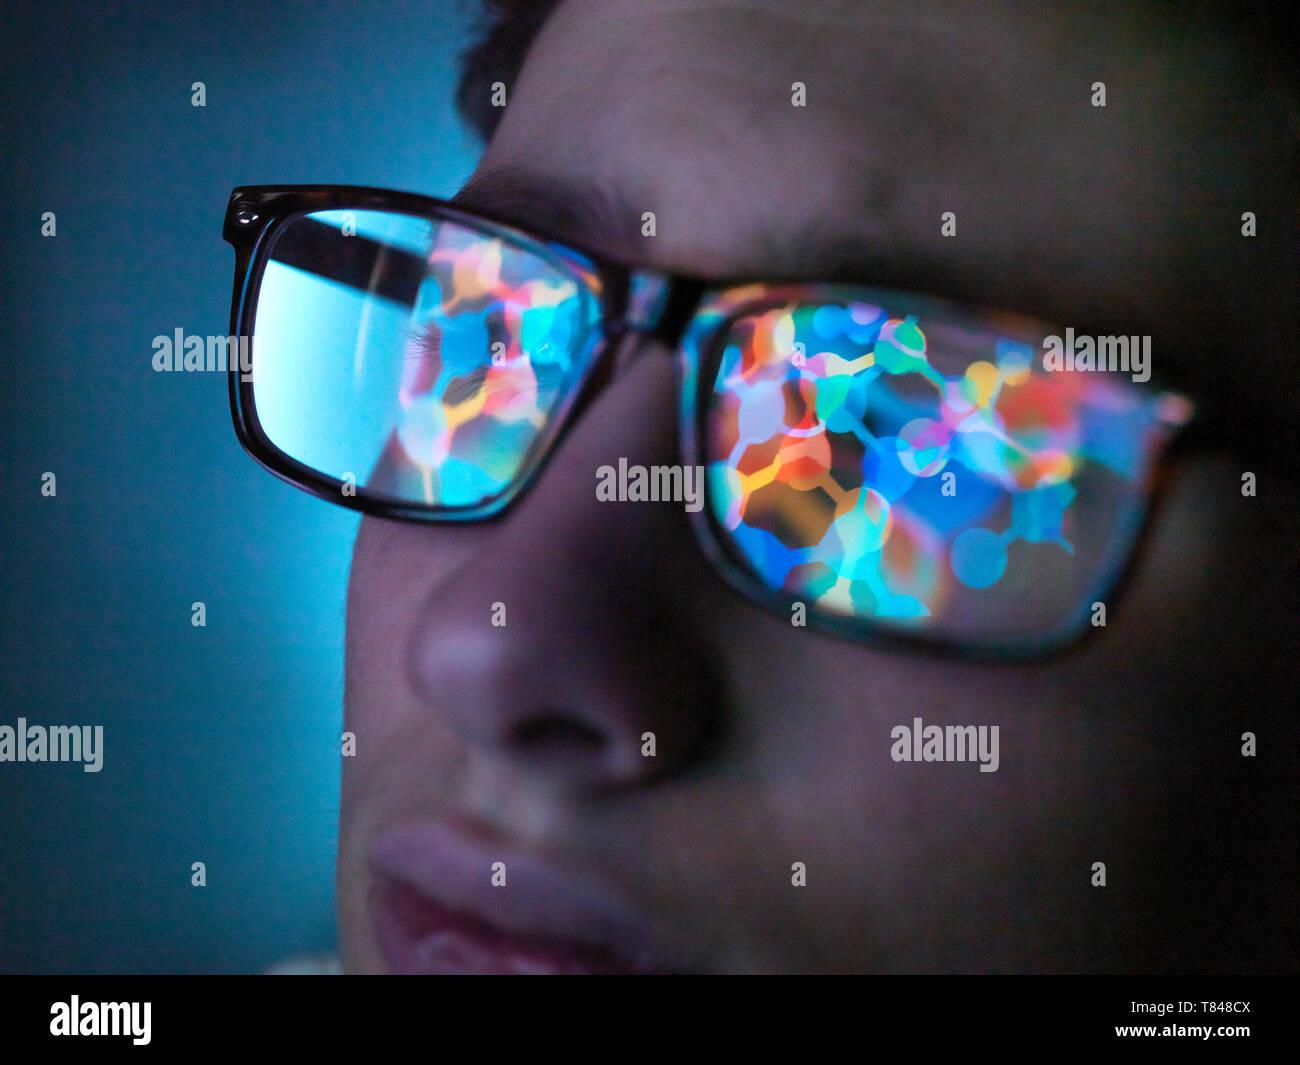 Die biotechnologische Forschung, Computer Bildschirm Spiegelung in der Brille von neuen molekularen Formel im Labor, in der Nähe des Gesichts Stockfoto